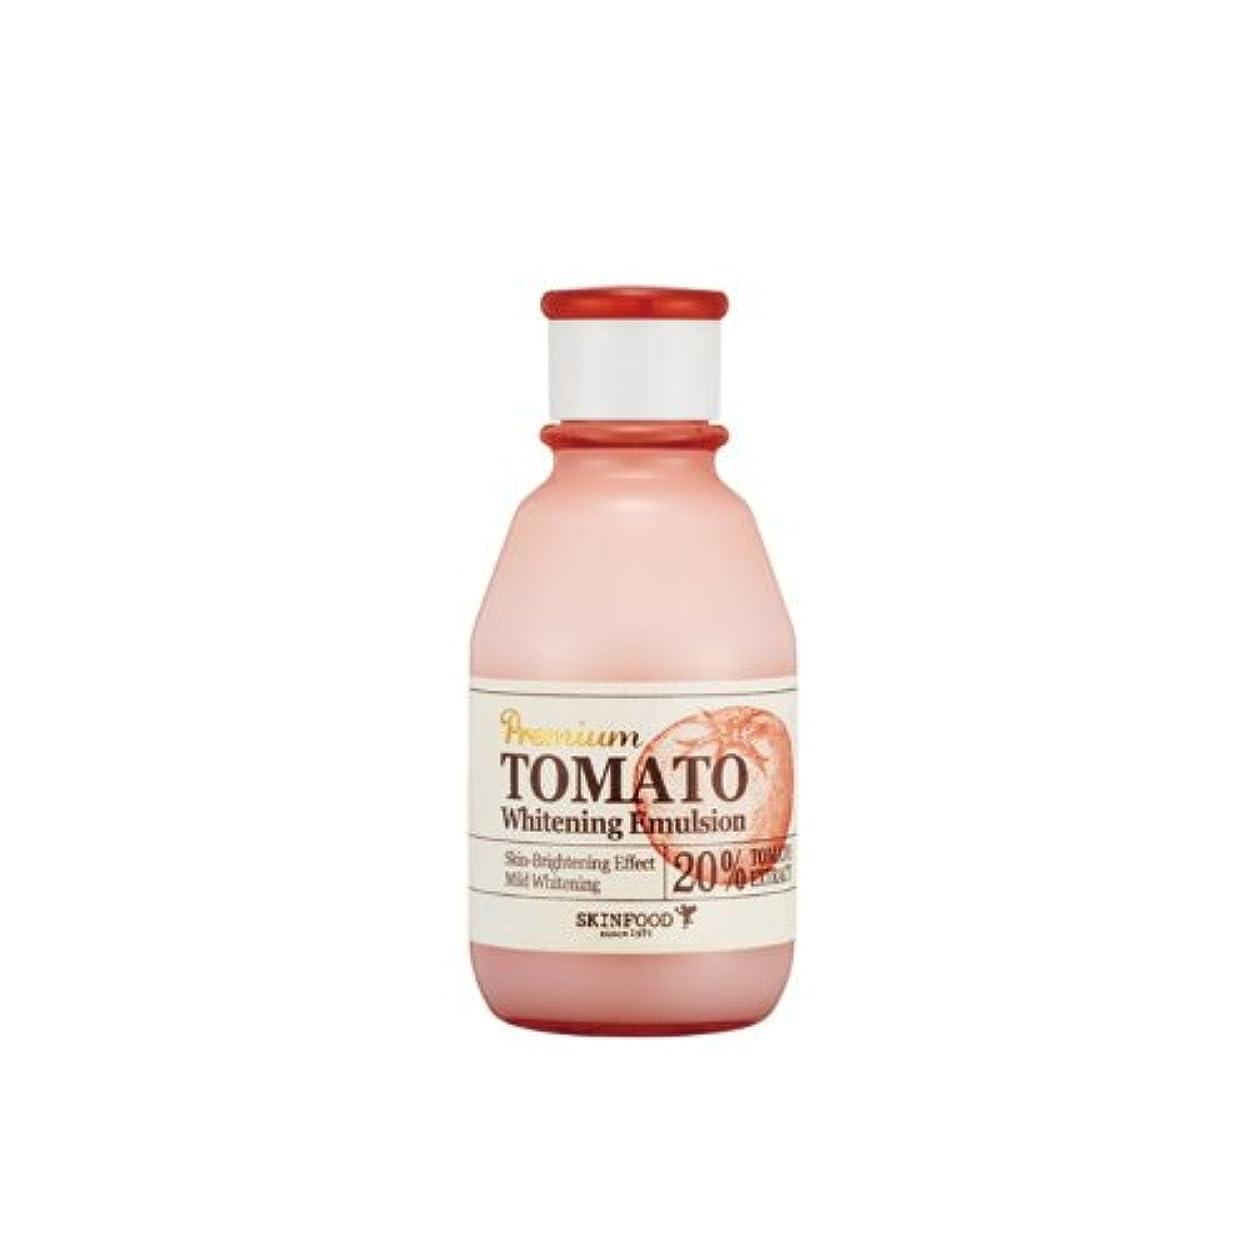 ルールコーヒー生産性スキンフード プレミアム トマト ホワイトニングエマルジョン [海外直送品][並行輸入品]